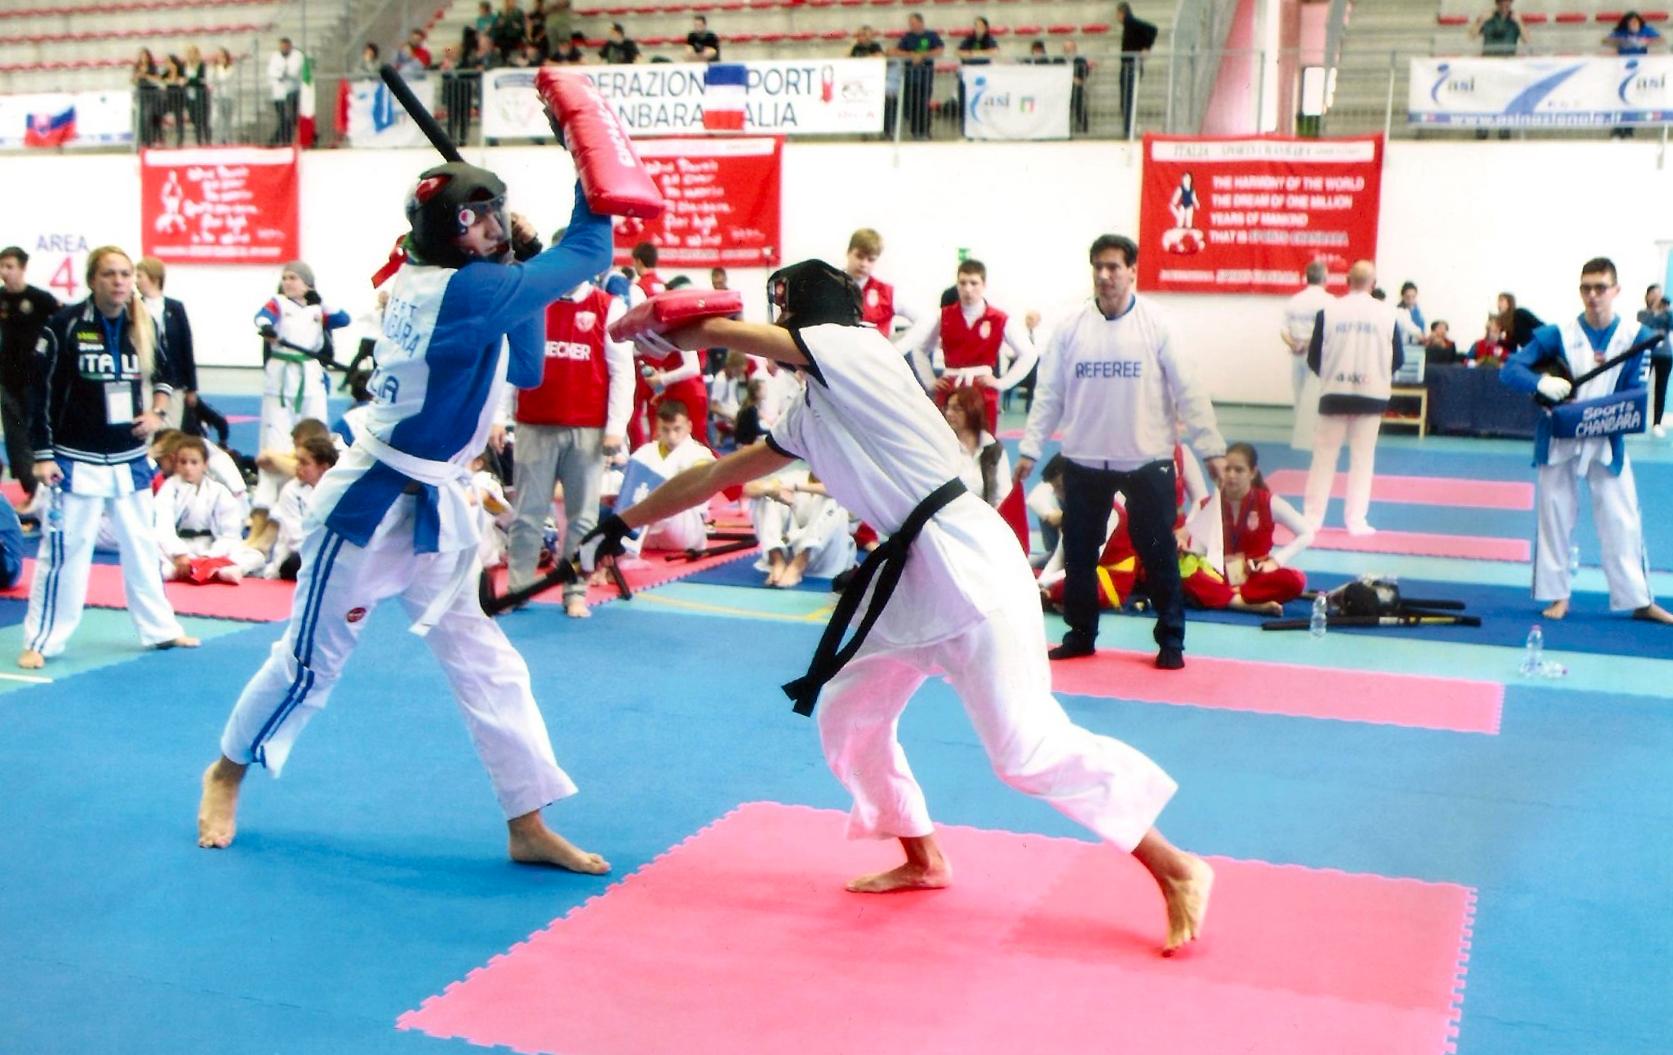 El codinenc Oriol Jerez, a la dreta, en un combat de la modalitat d'espasa gran i escut, al Campionat del Món